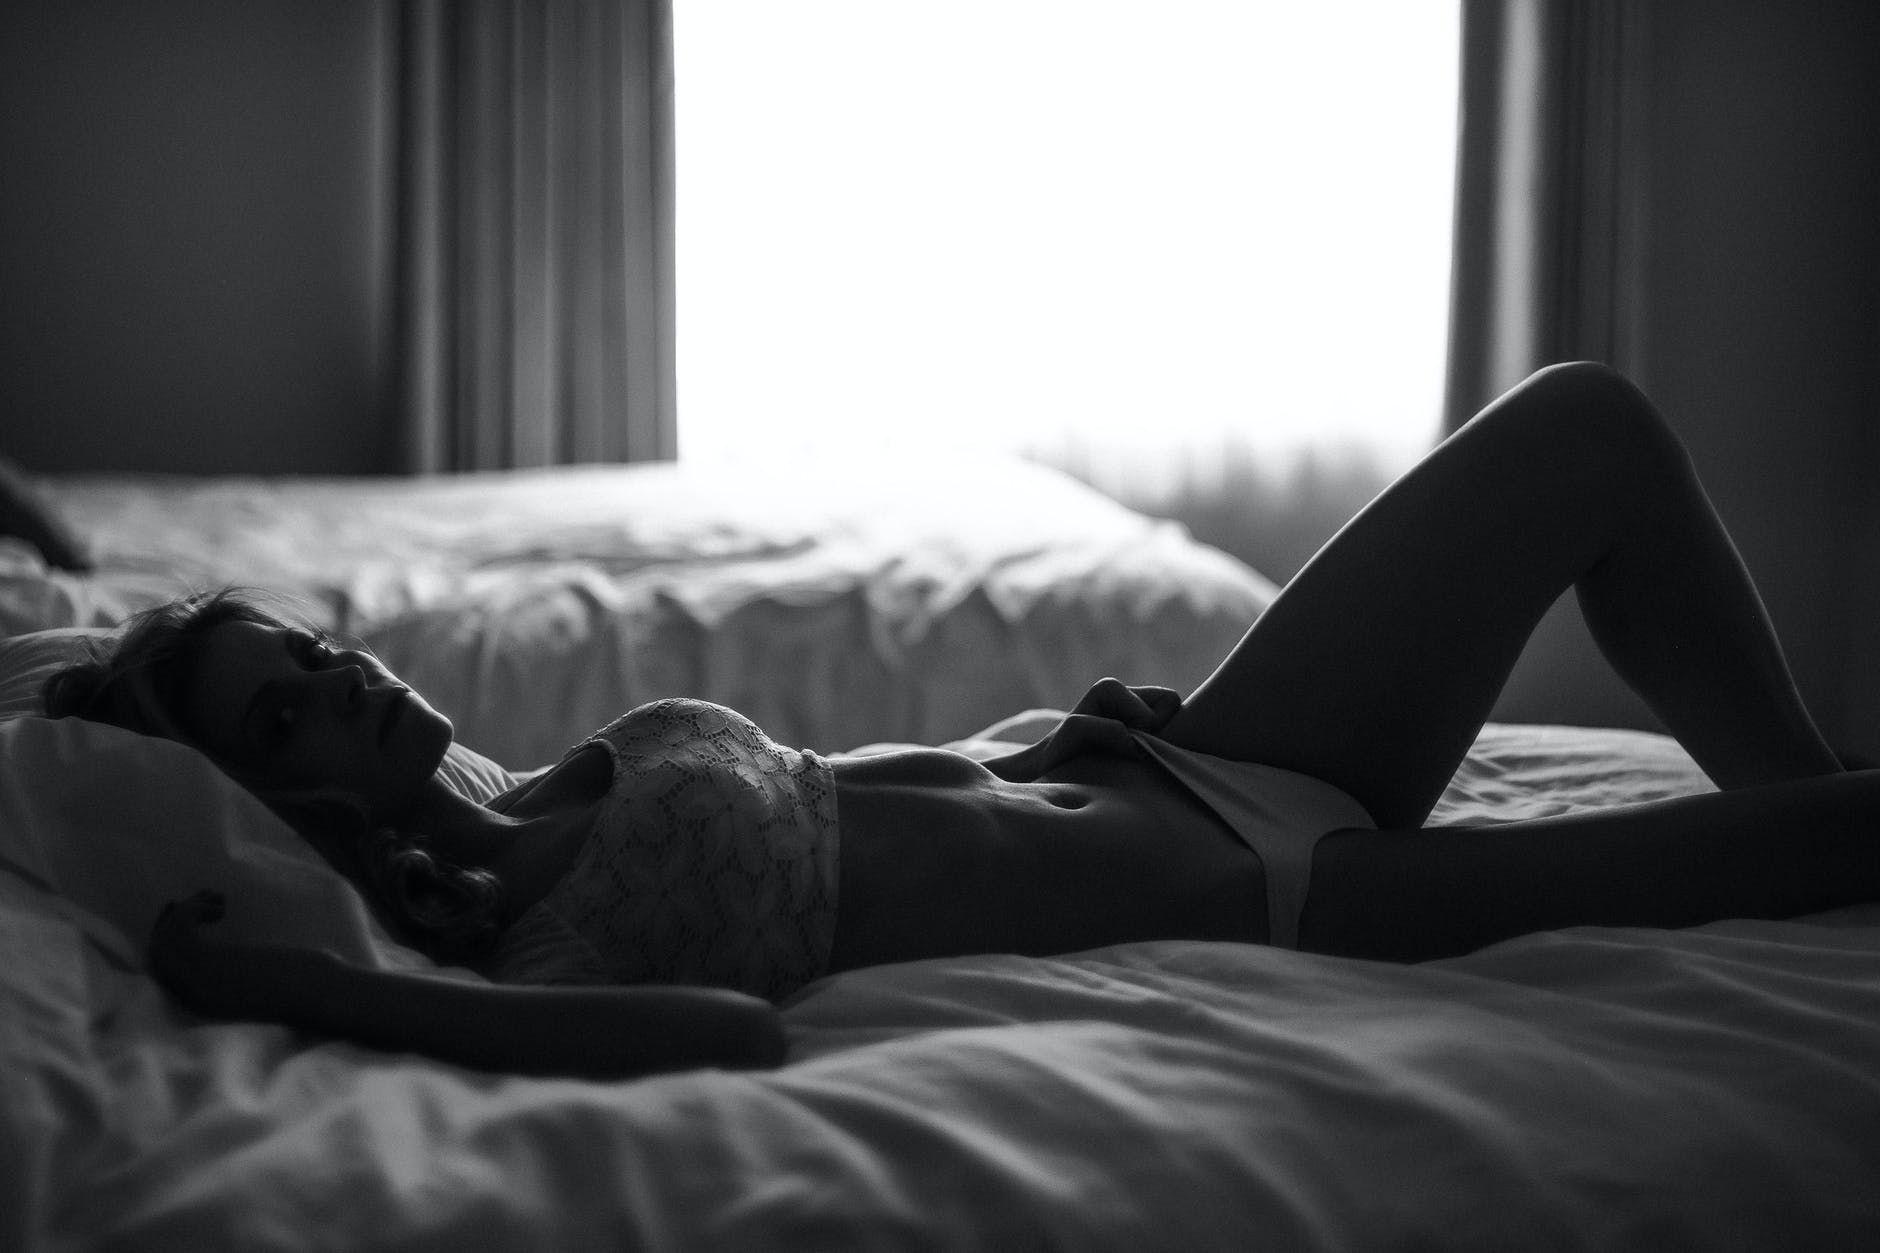 Harus Coba! Ini 5 Cara Memadukan Seks dengan Makanan Saat Foreplay